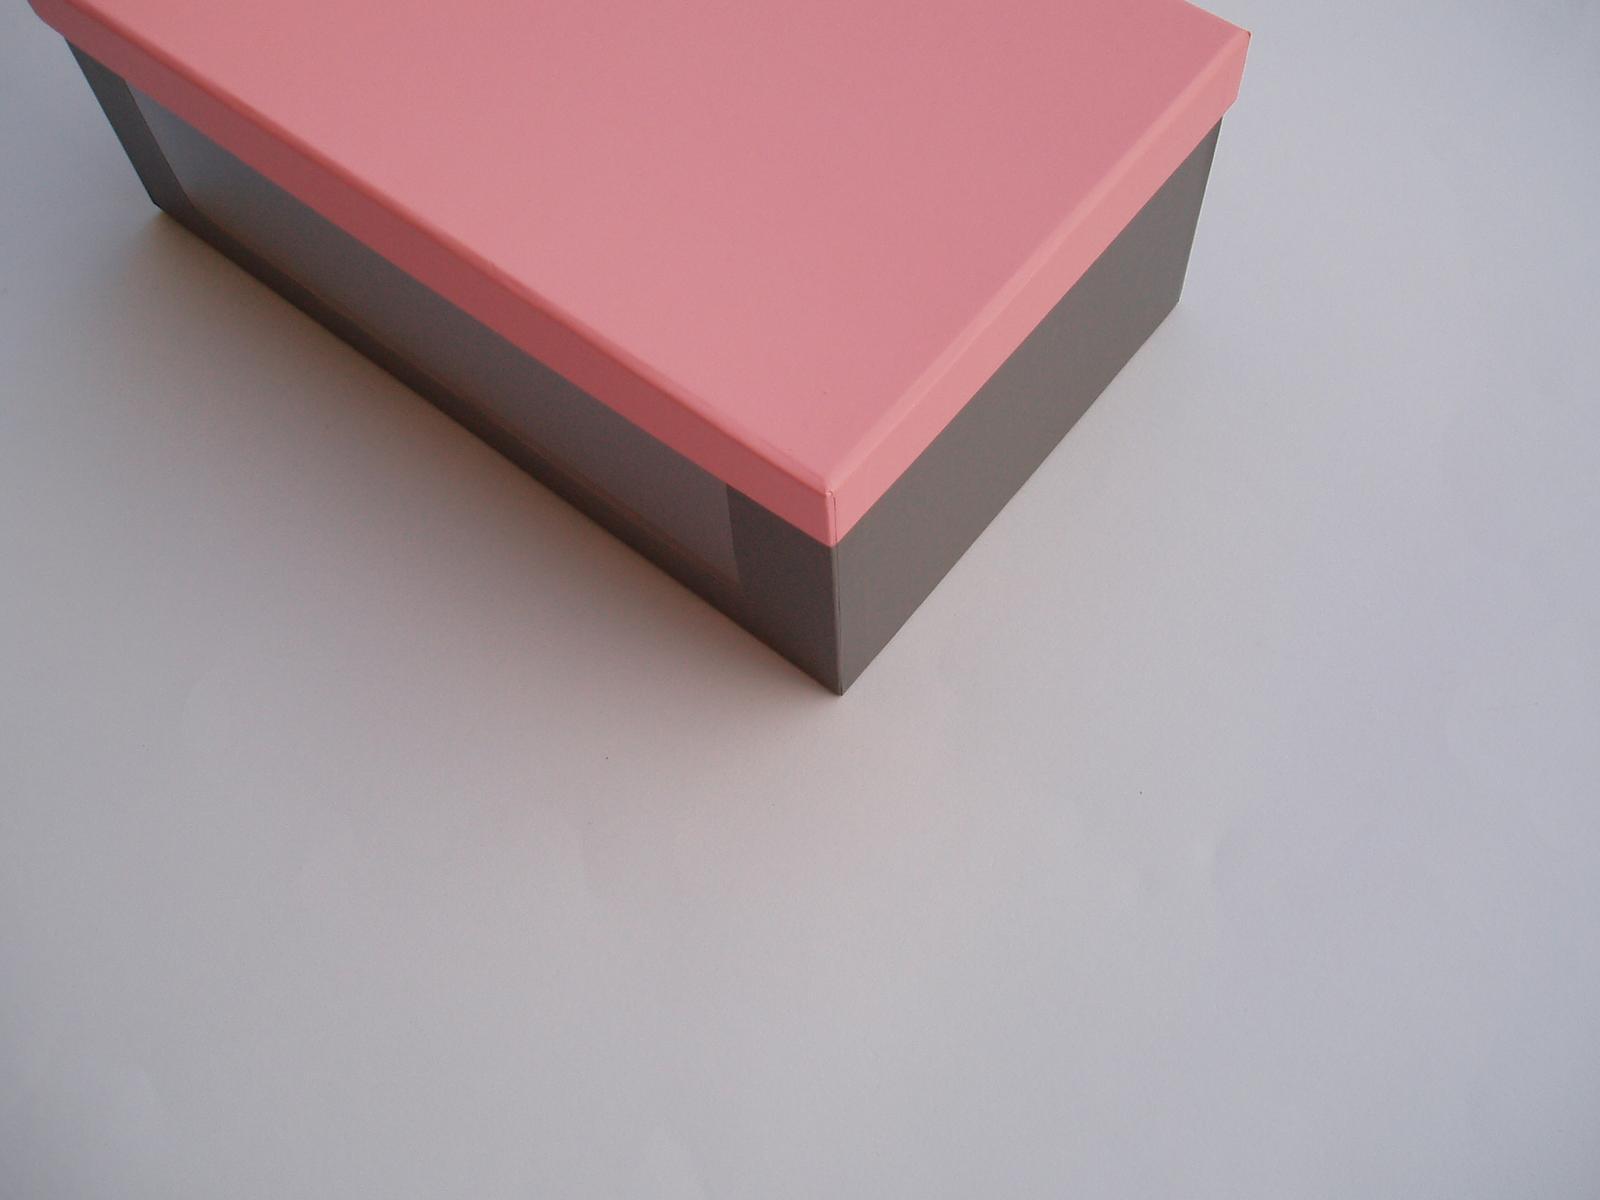 krabička na přání - Obrázek č. 4